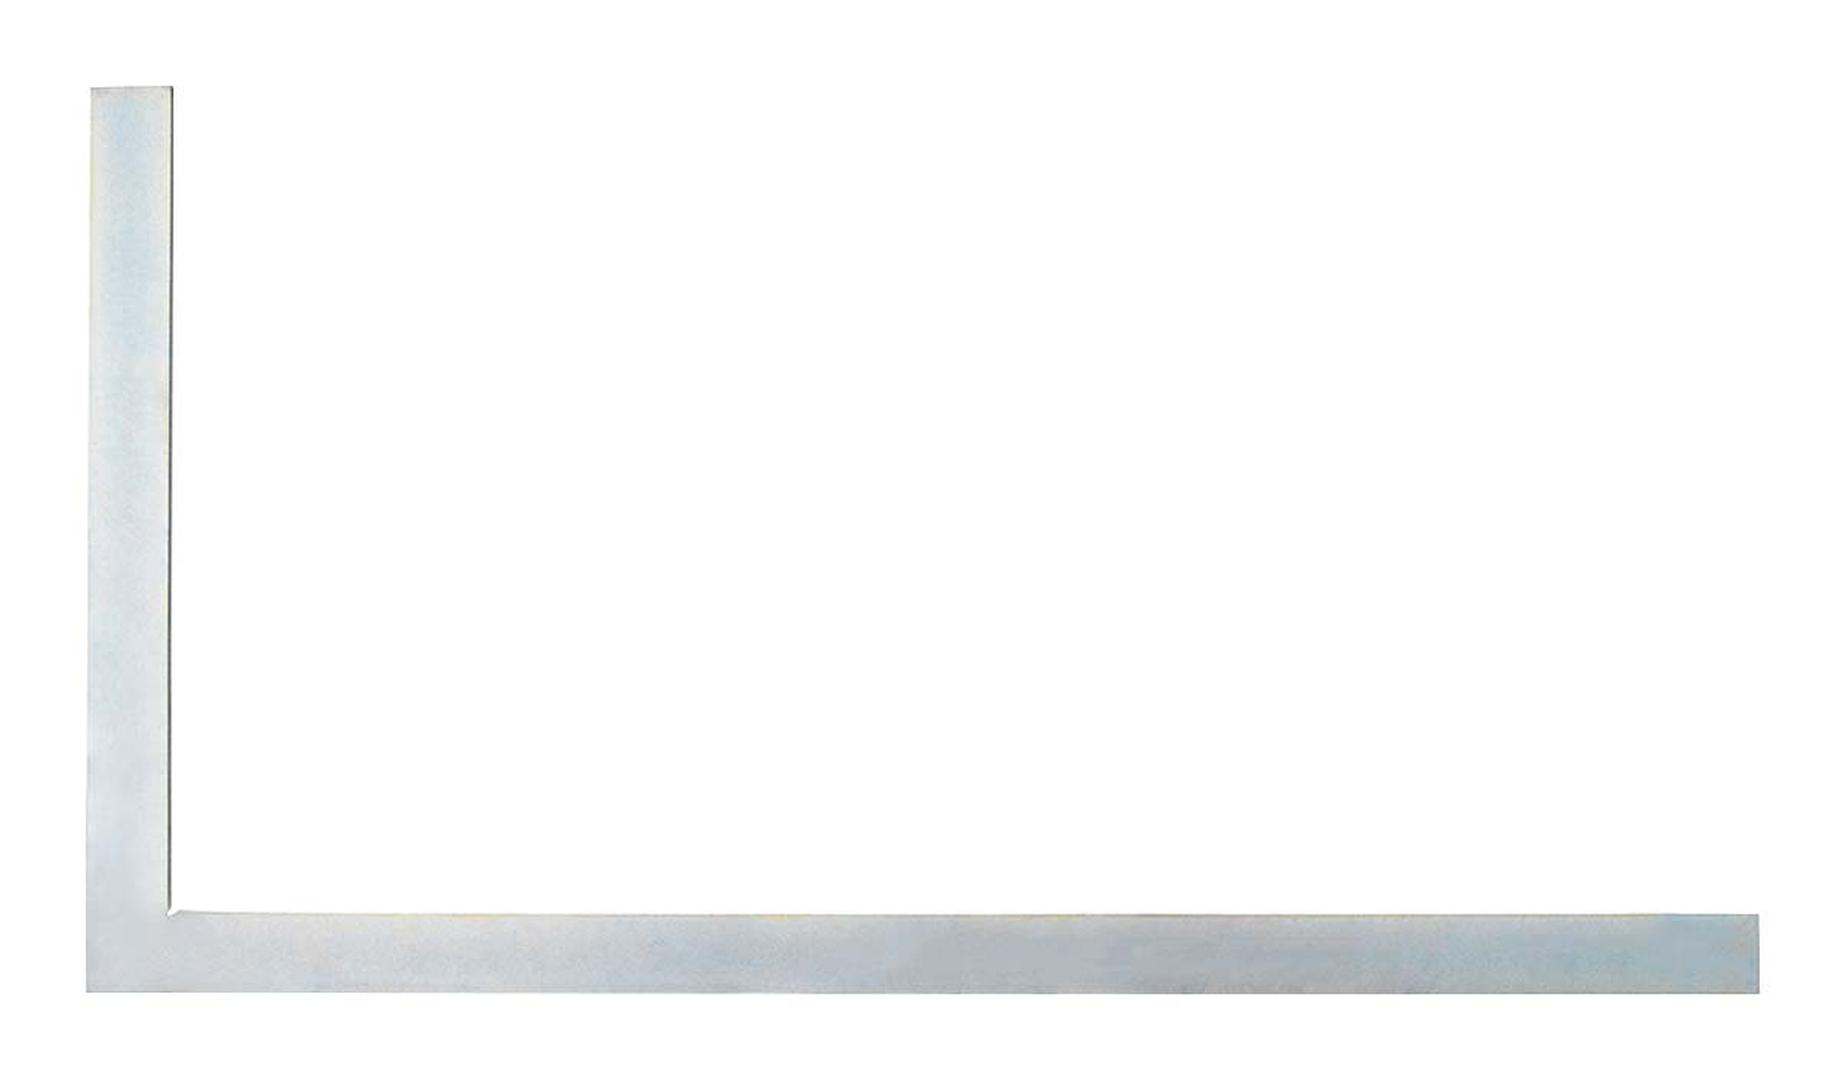 SOLA Schlosserwinkel SW, Stahl verzinkt, 300 x 180 mm